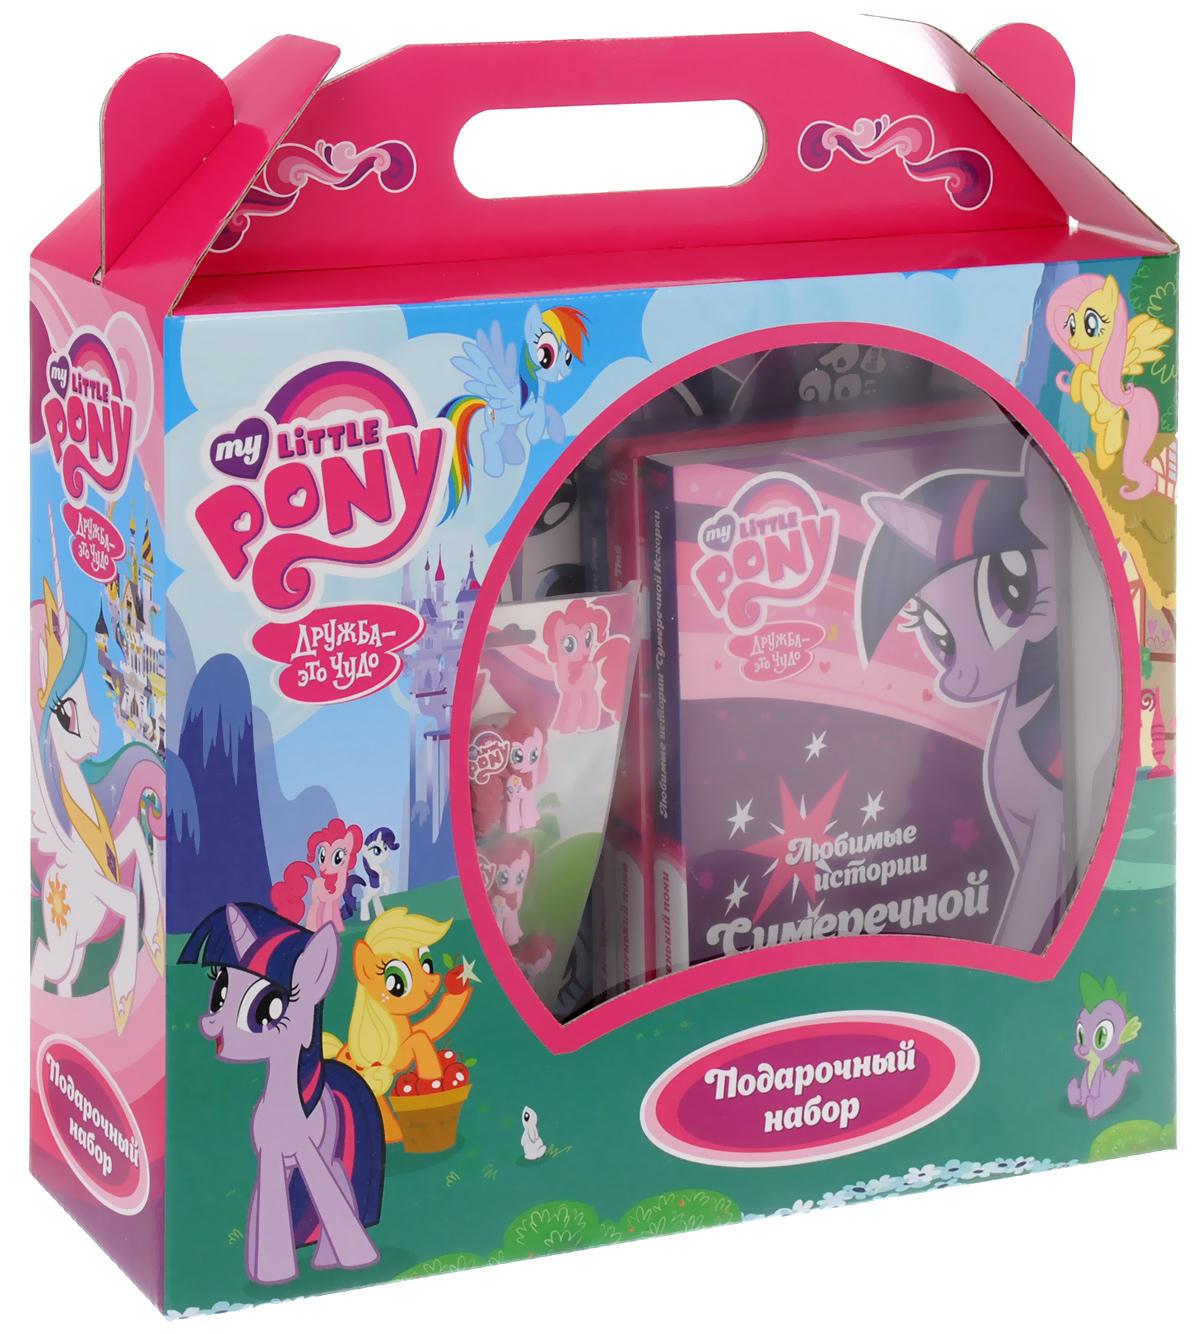 My Little Pony: Подарочный набор (3 DVD + сувениры) гардемарины 3 dvd